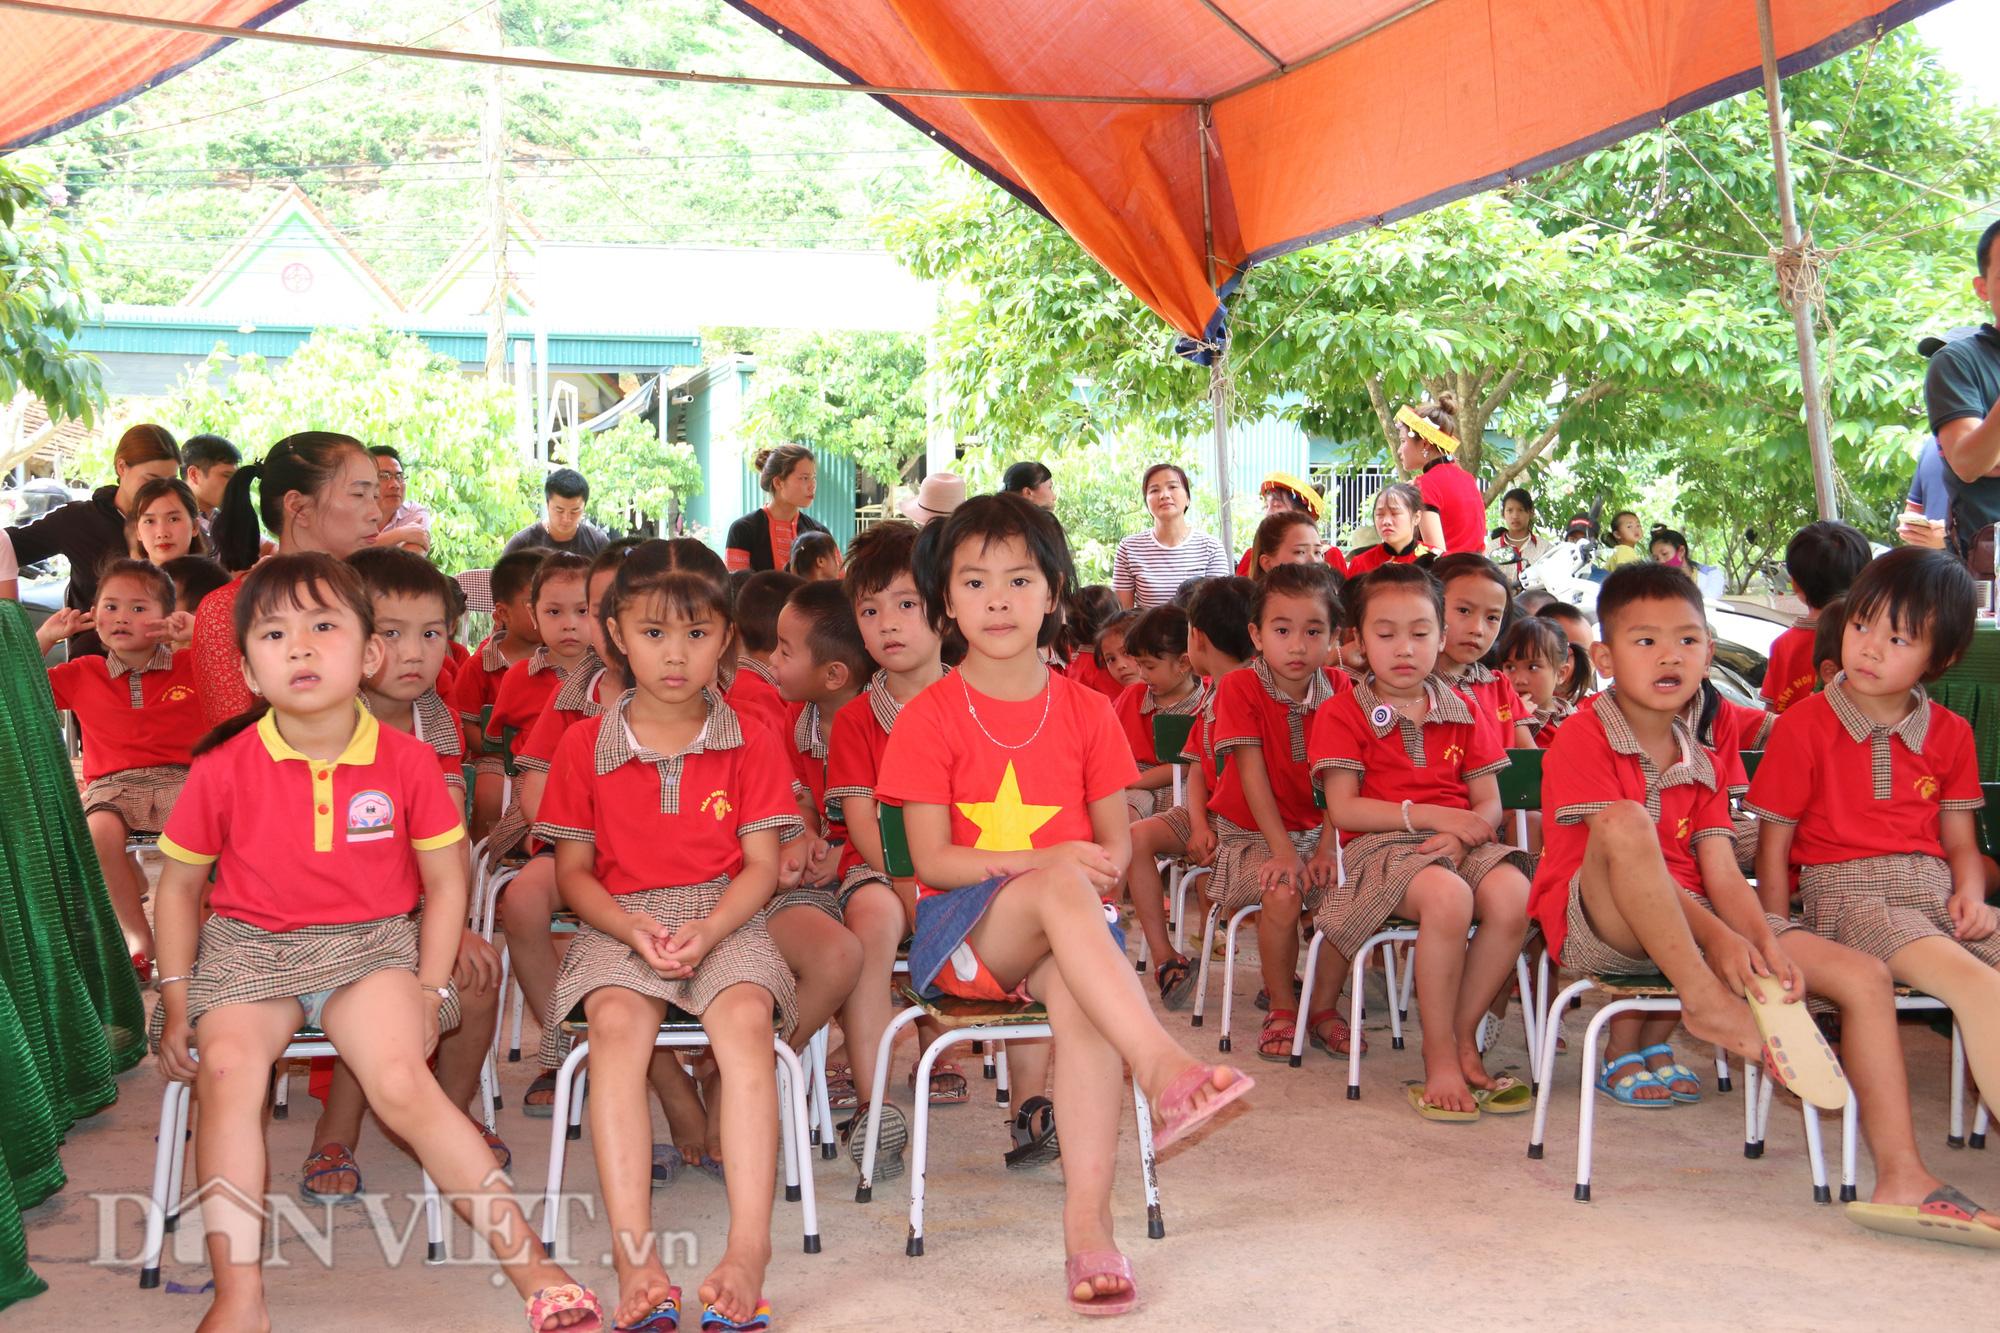 Sơn La: Khởi công điểm trường mới từ Báo NTNN/Điện tử Dân Việt - Ảnh 1.